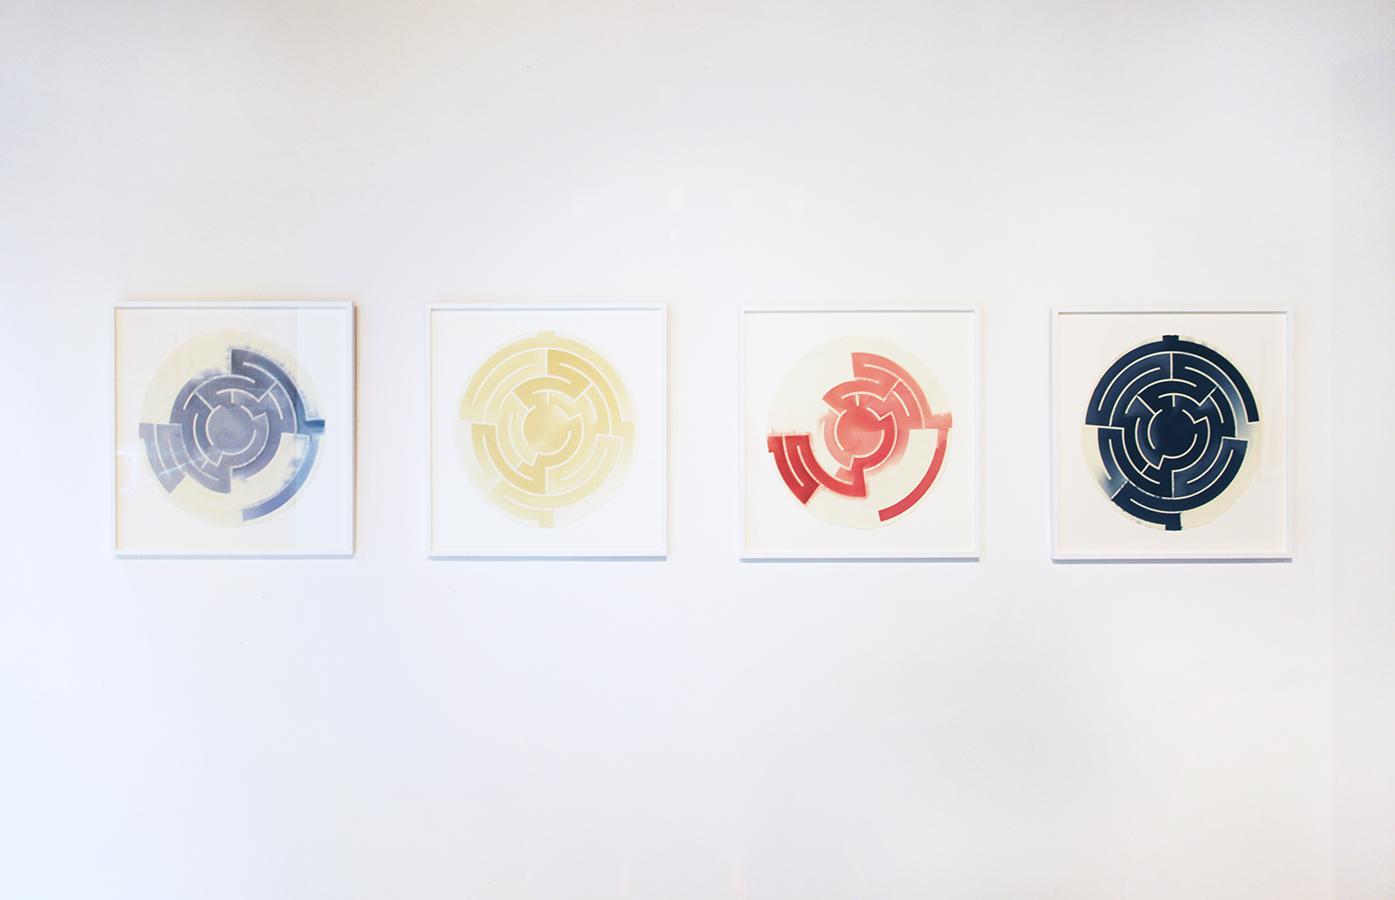 'Alternate Past', 2015 Troika (Sebastien Noel, Eva Rucki, Conny Freyer) | Installation view at Galerie Huit, Hong Kong, 2016